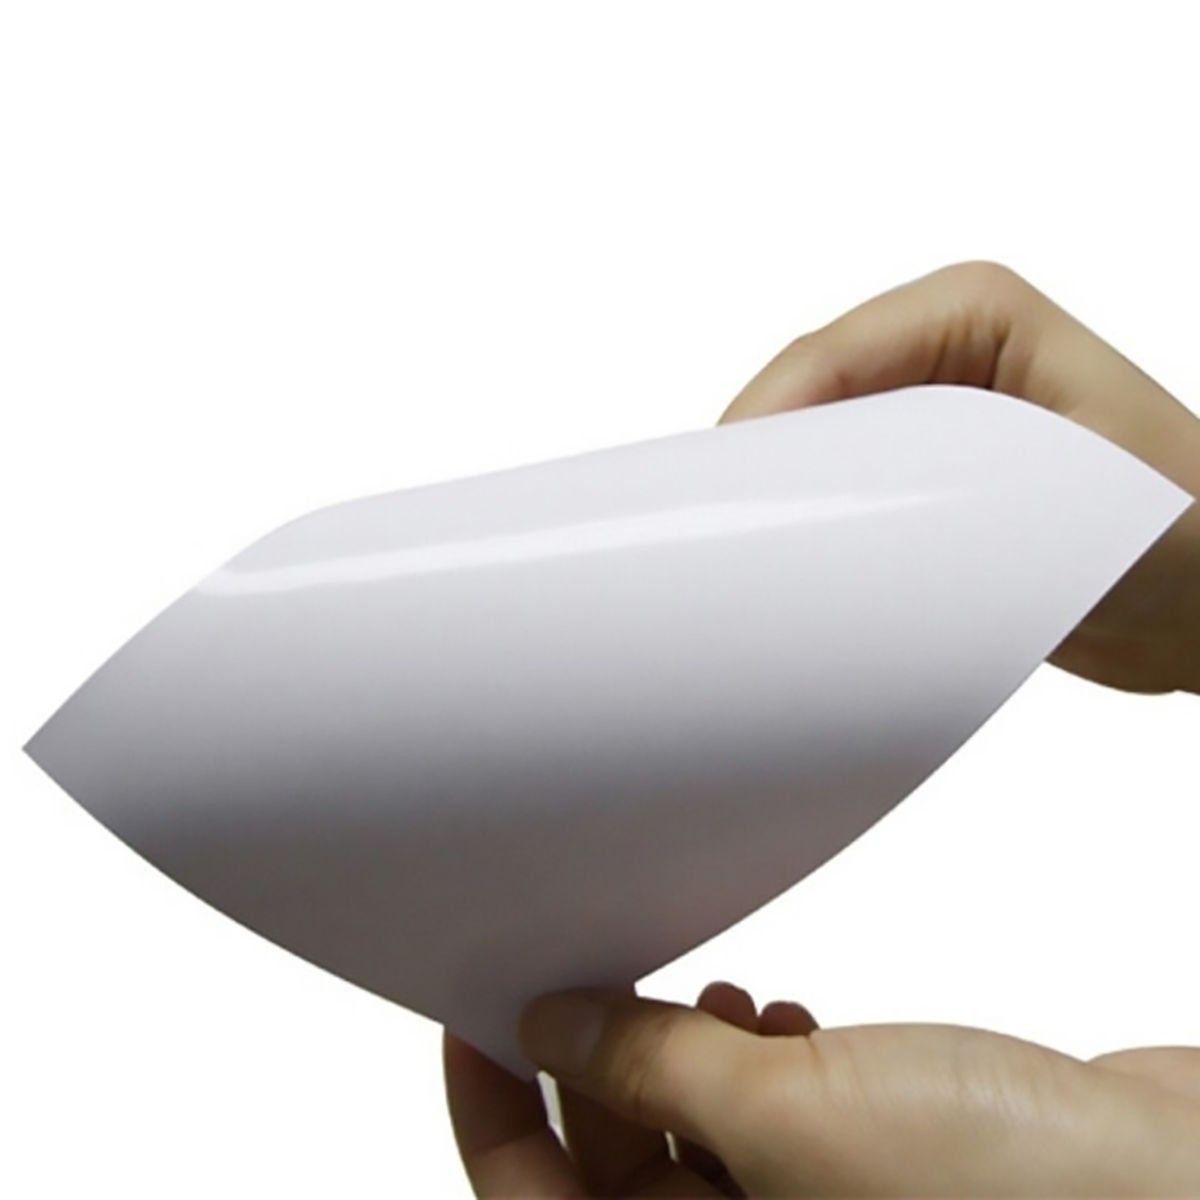 Papel Fotográfico A4 230g Glossy Branco Brilhante Resistente à Água / 100 folhas